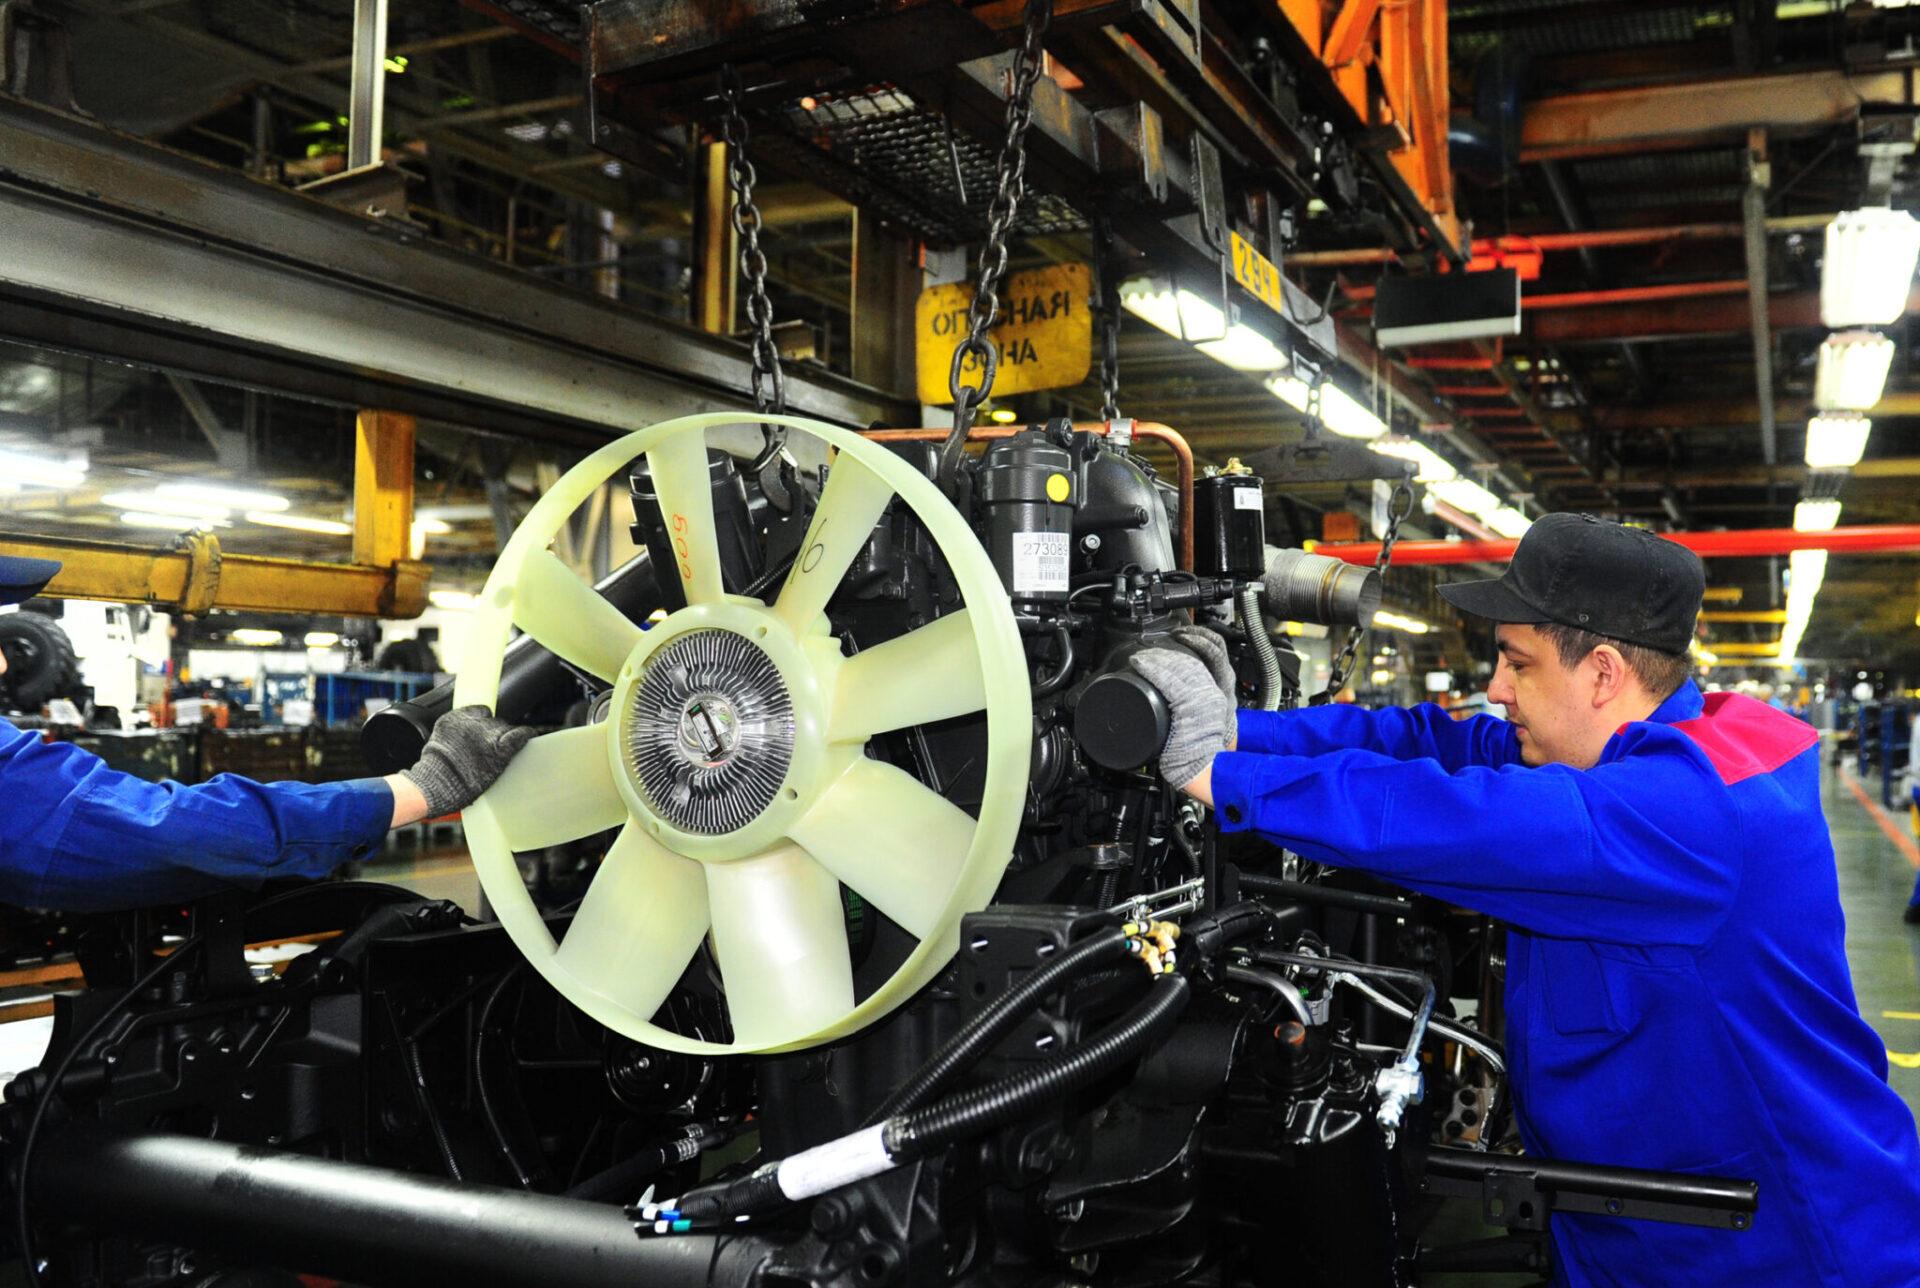 КамАЗ планирует производить по 220 автомобилей в сутки с сентября 2021 года